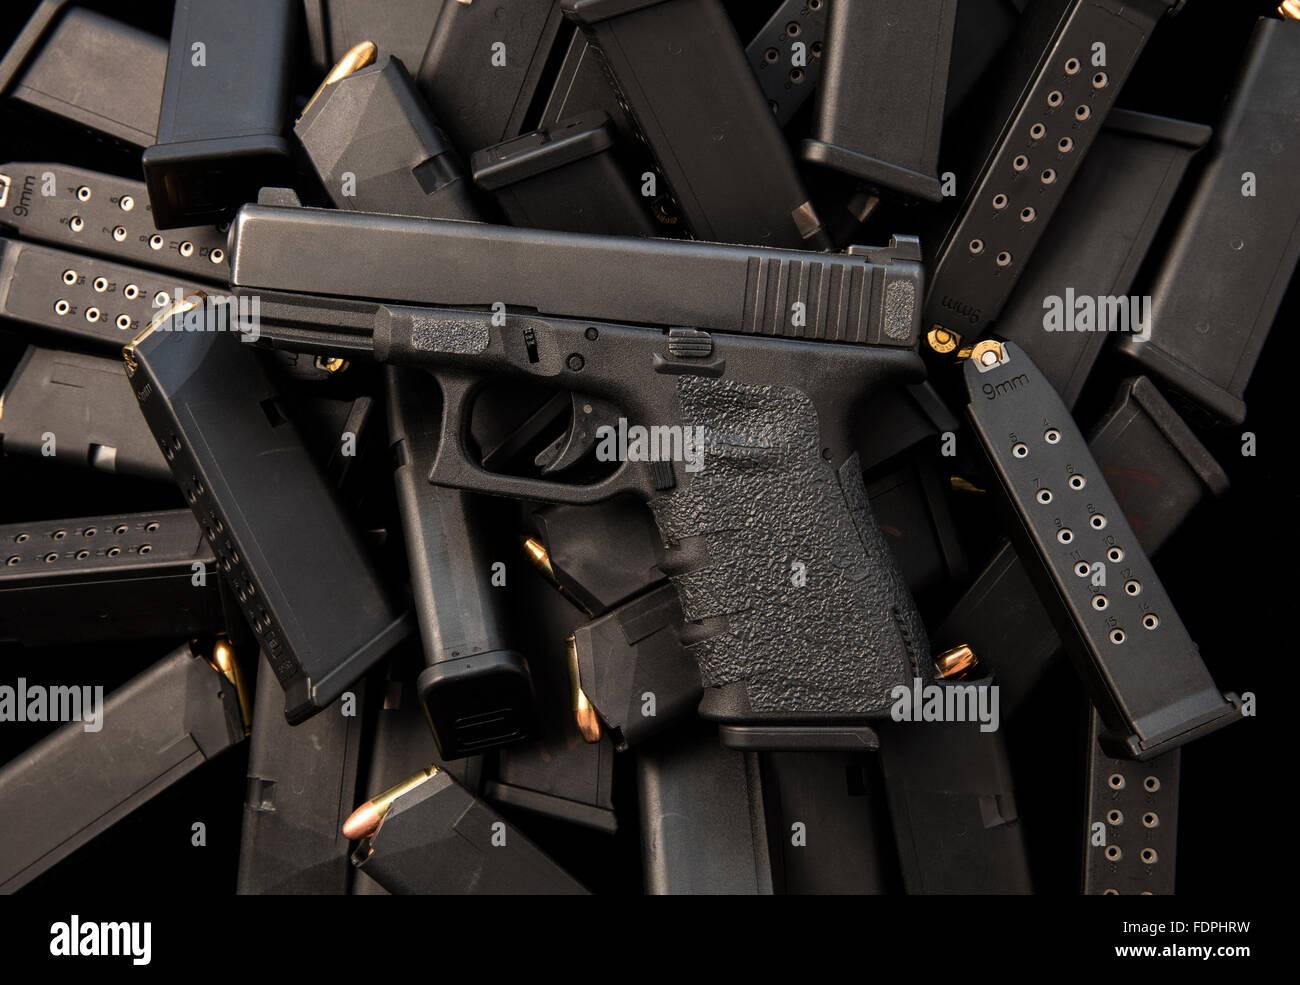 Pistola semiautomática Glock 9mm con cargadores y municiones de alta capacidad Imagen De Stock